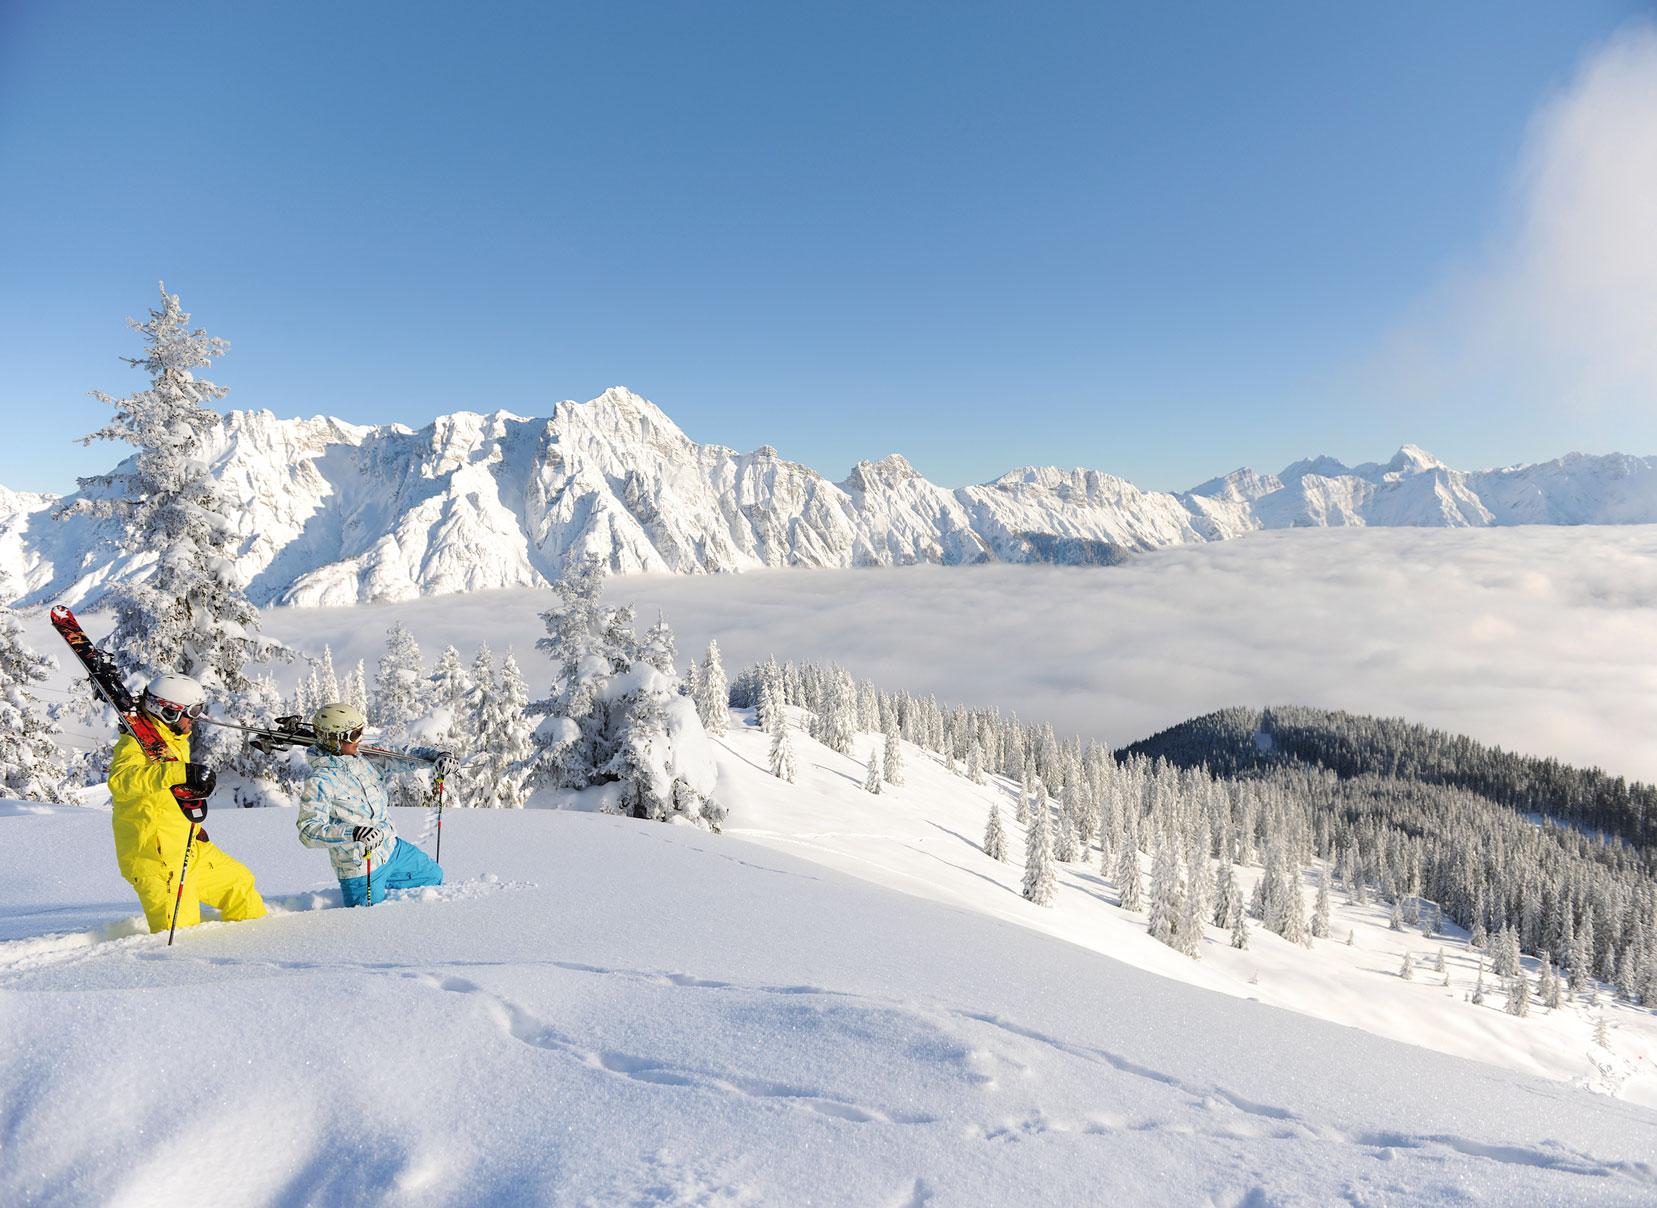 Paar wandern mit Ski auf den Schultern durch Tiefschnee